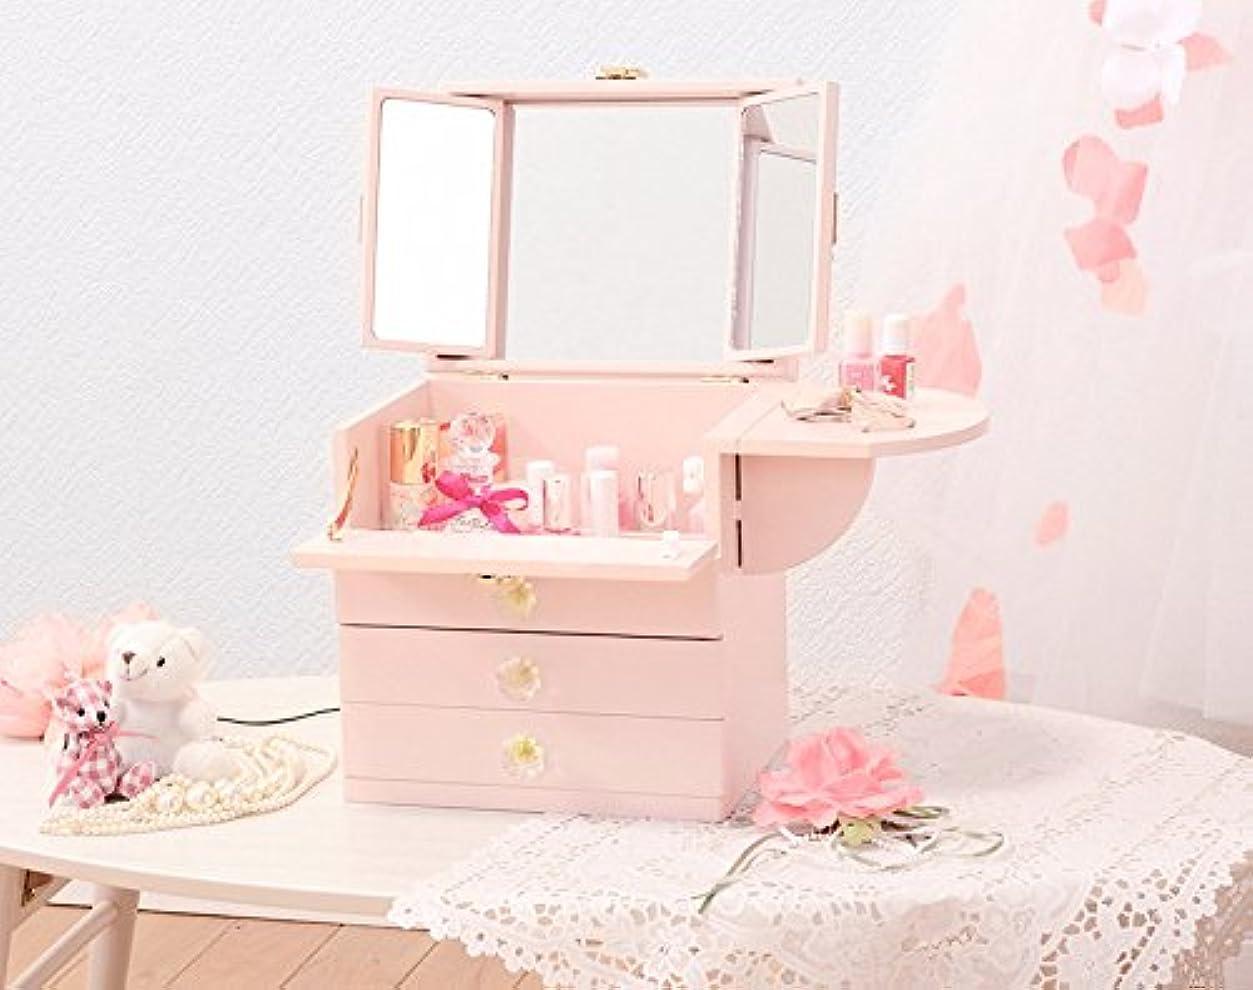 ちっちゃい視線カウントコスメボックス 化粧ボックス ジュエリーボックス コスメ収納 収納ボックス 化粧台 3面鏡 完成品 折りたたみ式 軽量 ピンク